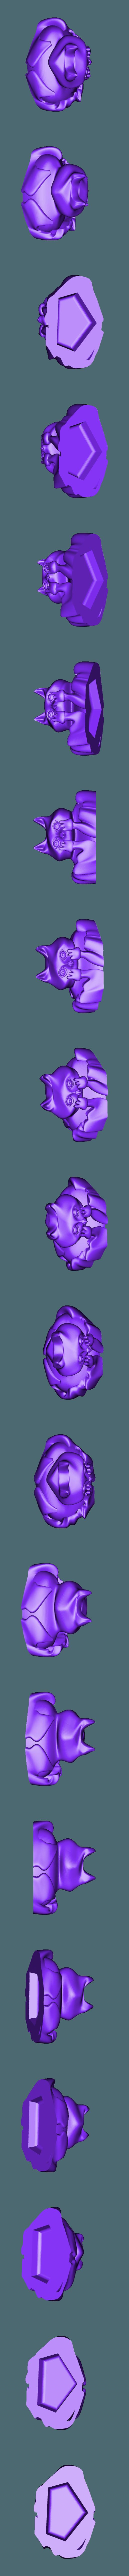 haut.stl Télécharger fichier STL gratuit chauve-souris • Objet imprimable en 3D, micaldez